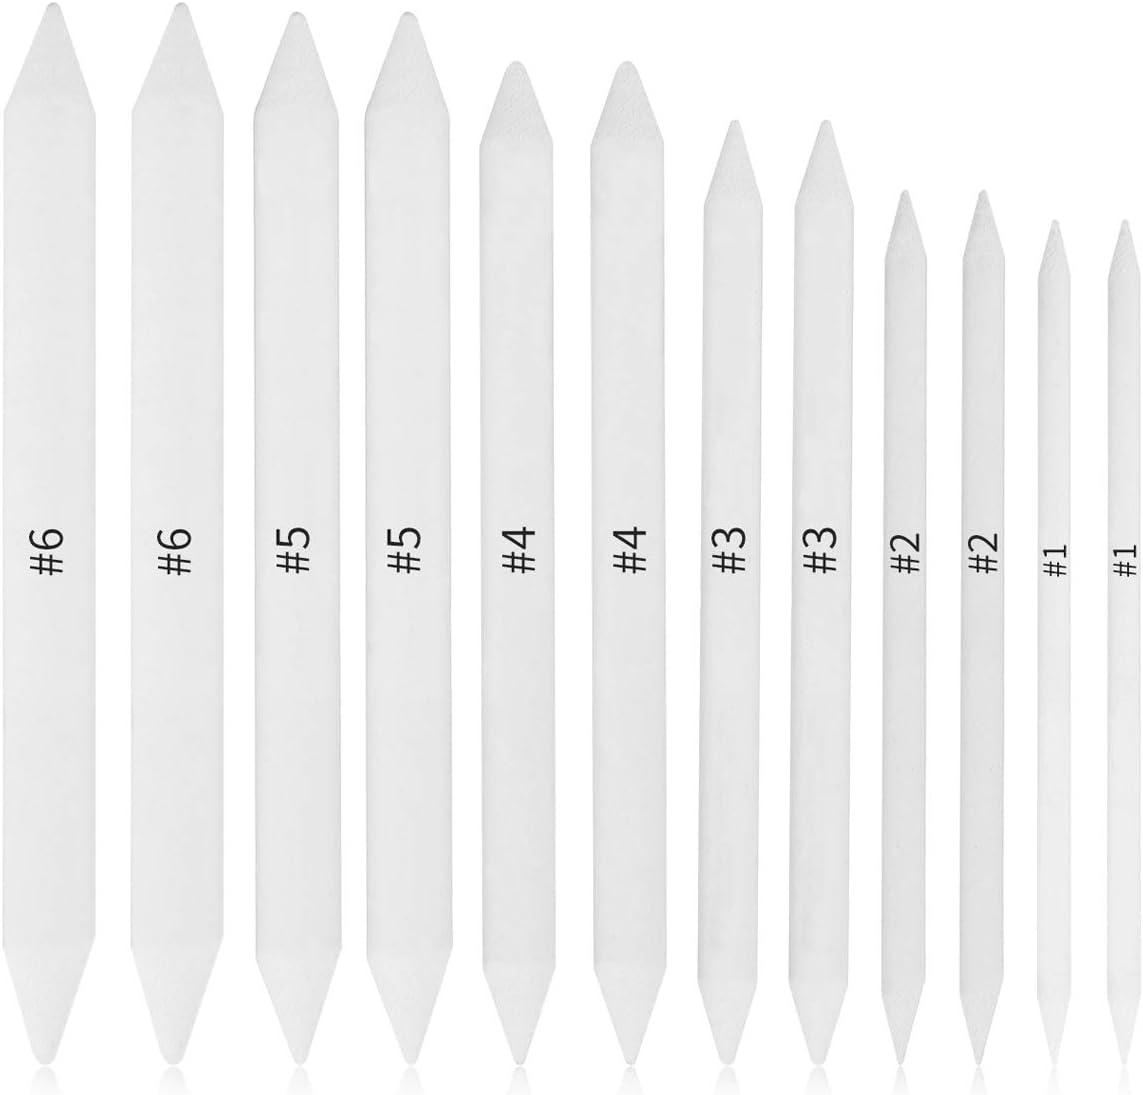 Tocawe - Juego de 12 tortillones de papel de mezcla, diseño de artista de dibujo y bricolaje